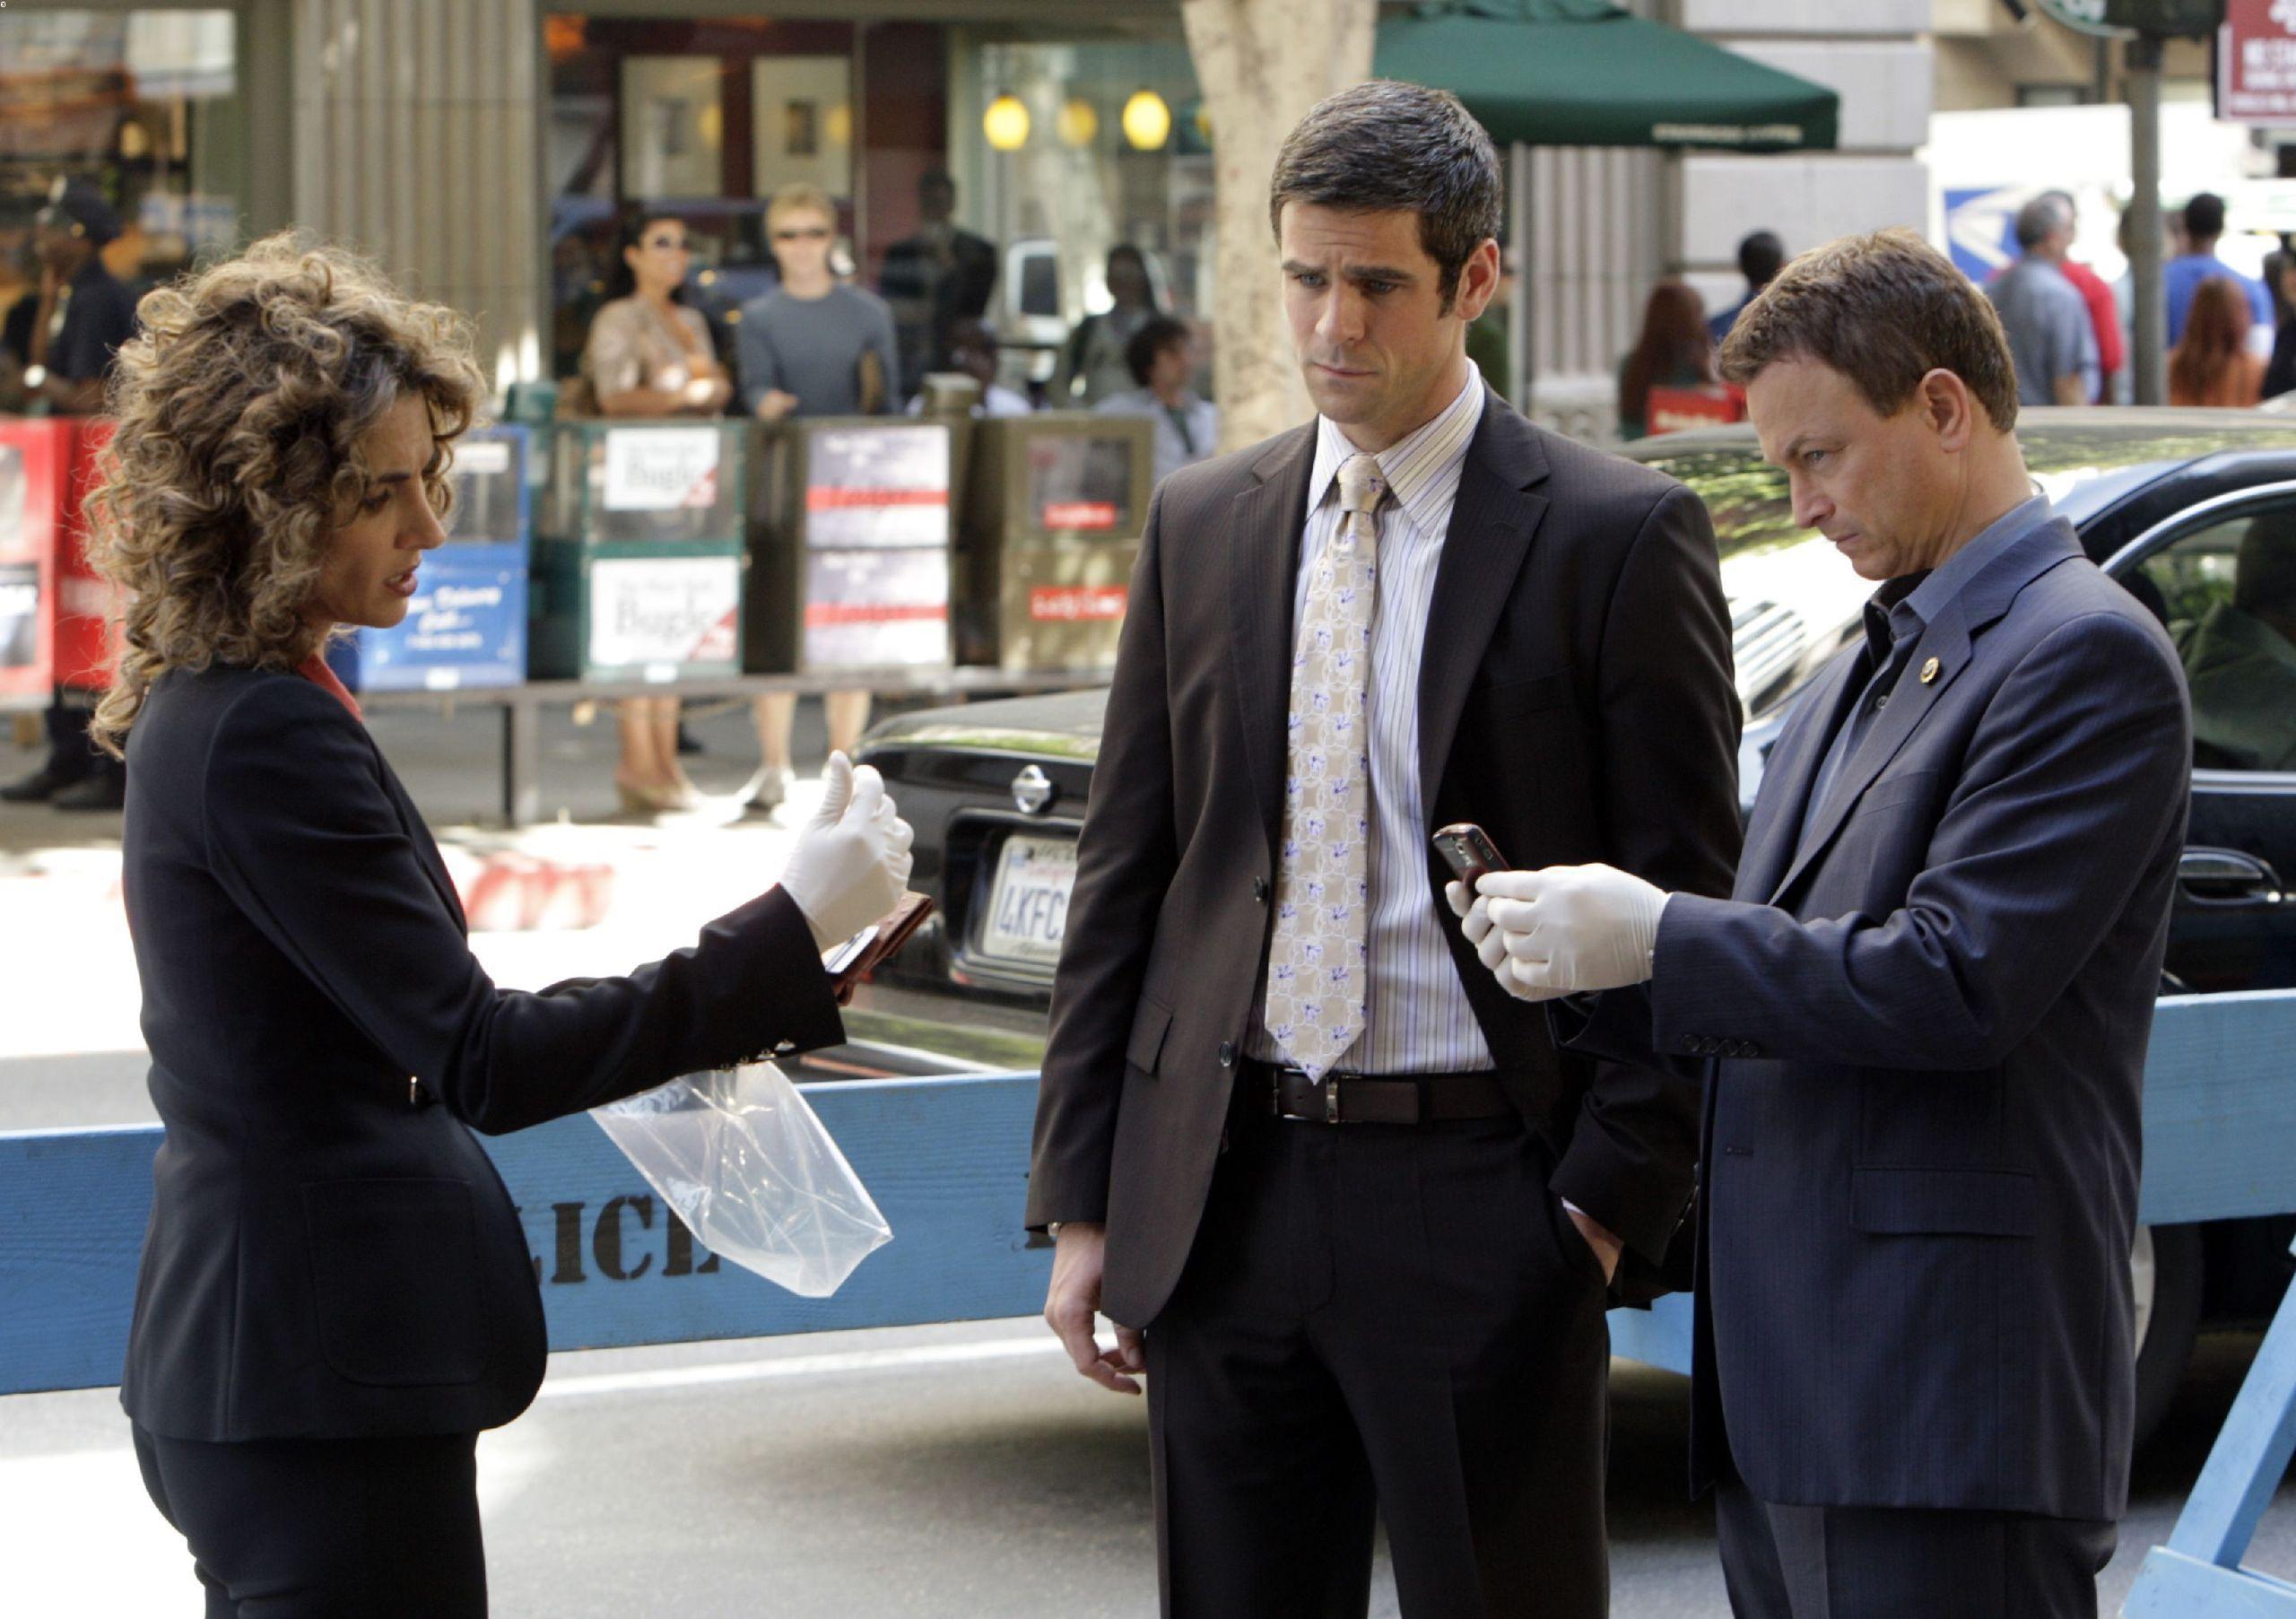 csi ny | CSI:NY CSI: NY - Episode 5.04 - Sex Lies And Silicone ...